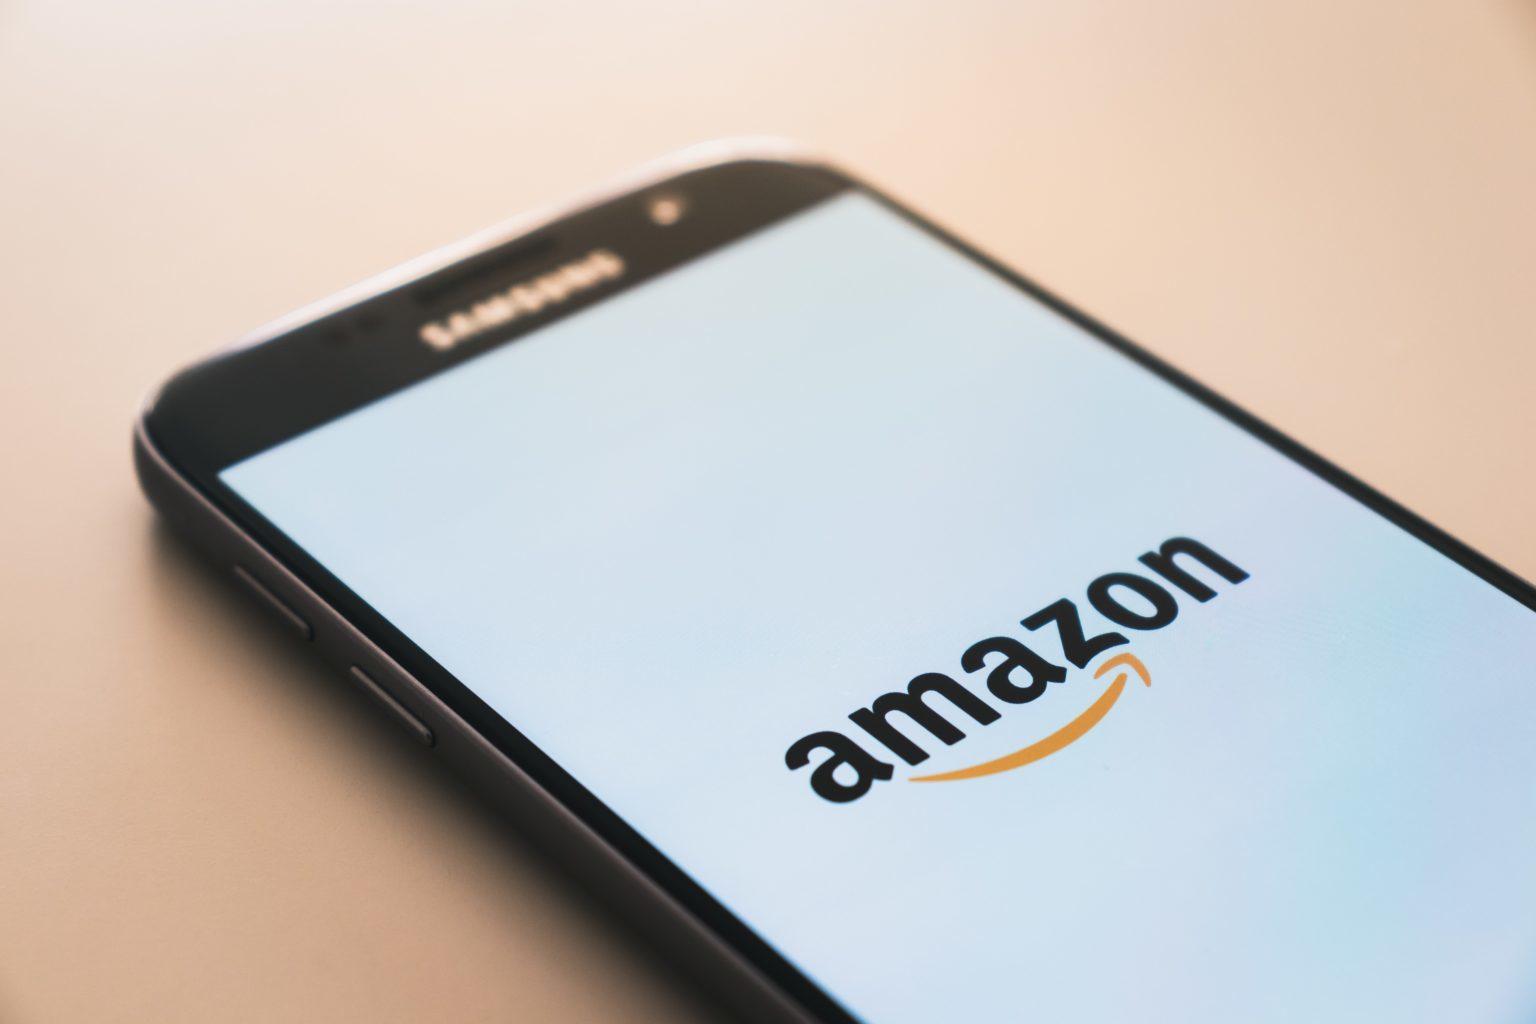 武漢肺炎蔓延歐美,Amazon為何關閉倉庫,大砍Google廣告費?